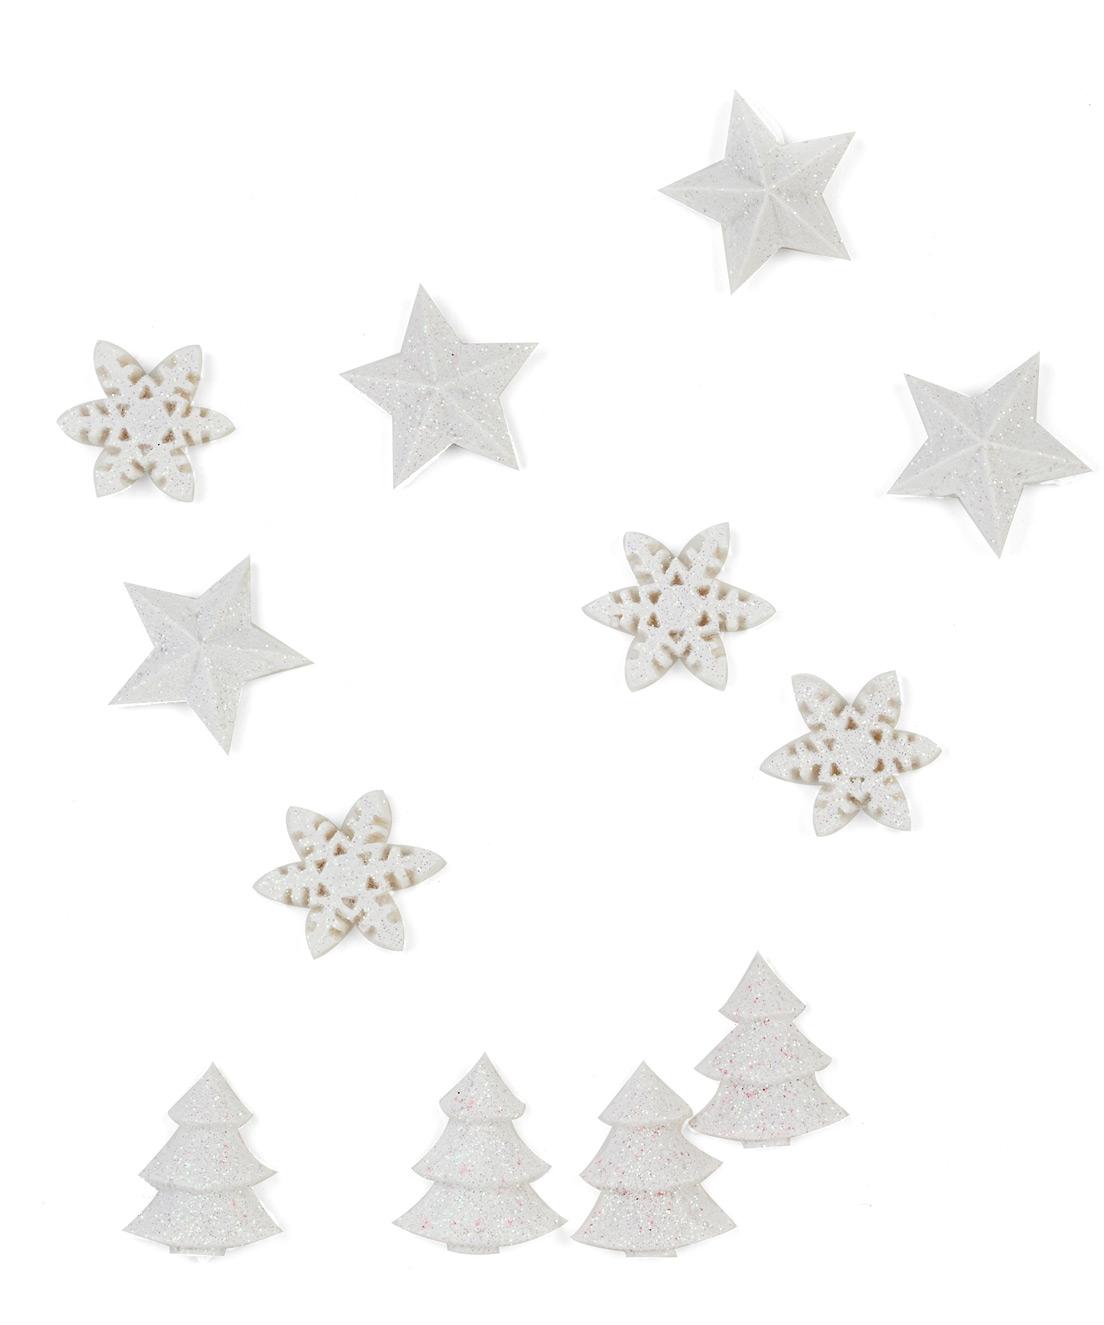 12 decorazioni per la tavola natale bianche - Decorazioni bianche ...